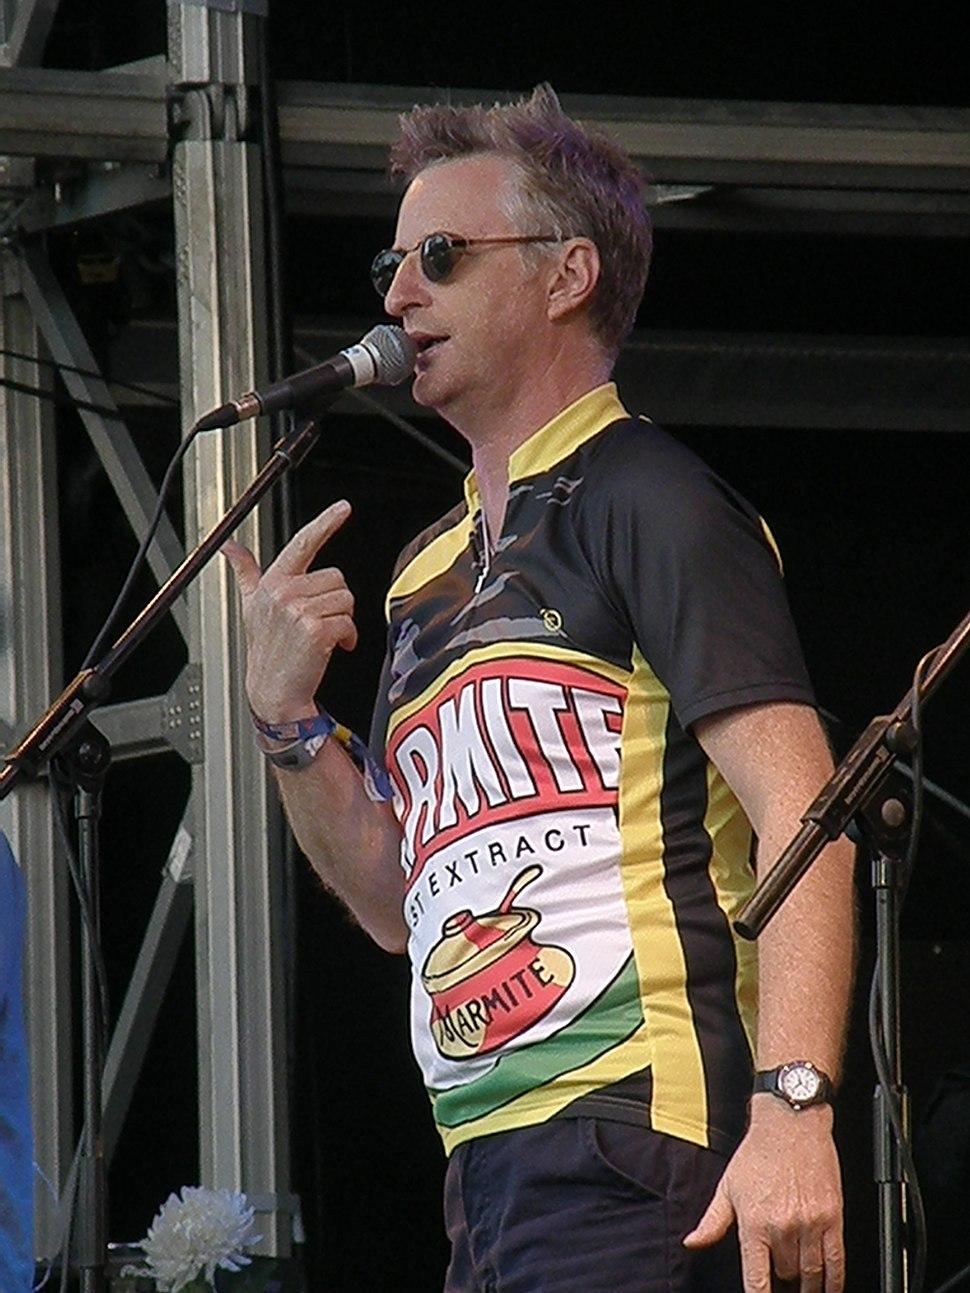 Billy Bragg at Bestival 2008